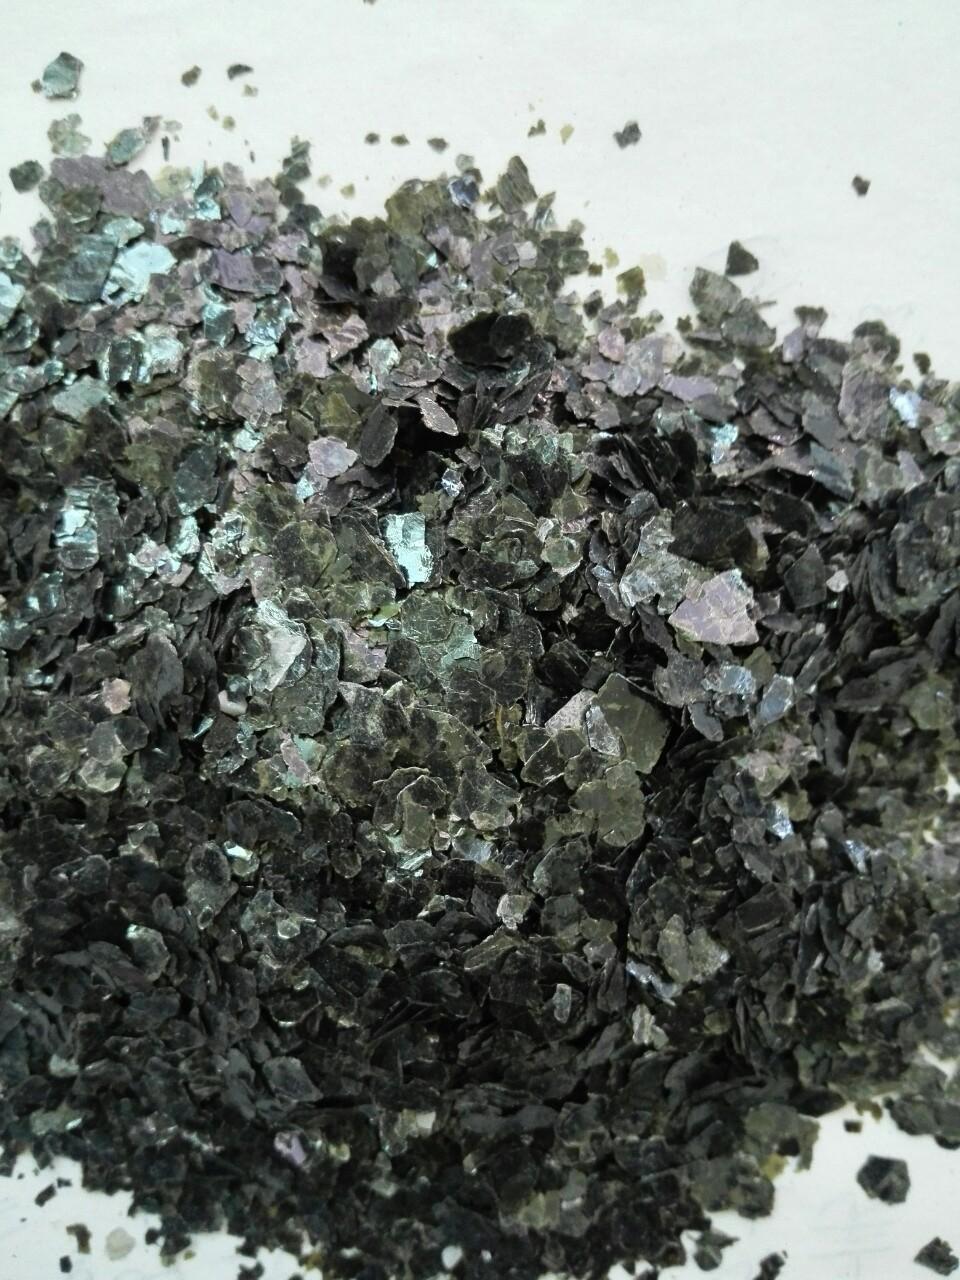 Khoáng sản phi kim loại Đá mảnh tự nhiên cung cấp đá tổng hợp chất lượng cao cung cấp khoáng sản phi